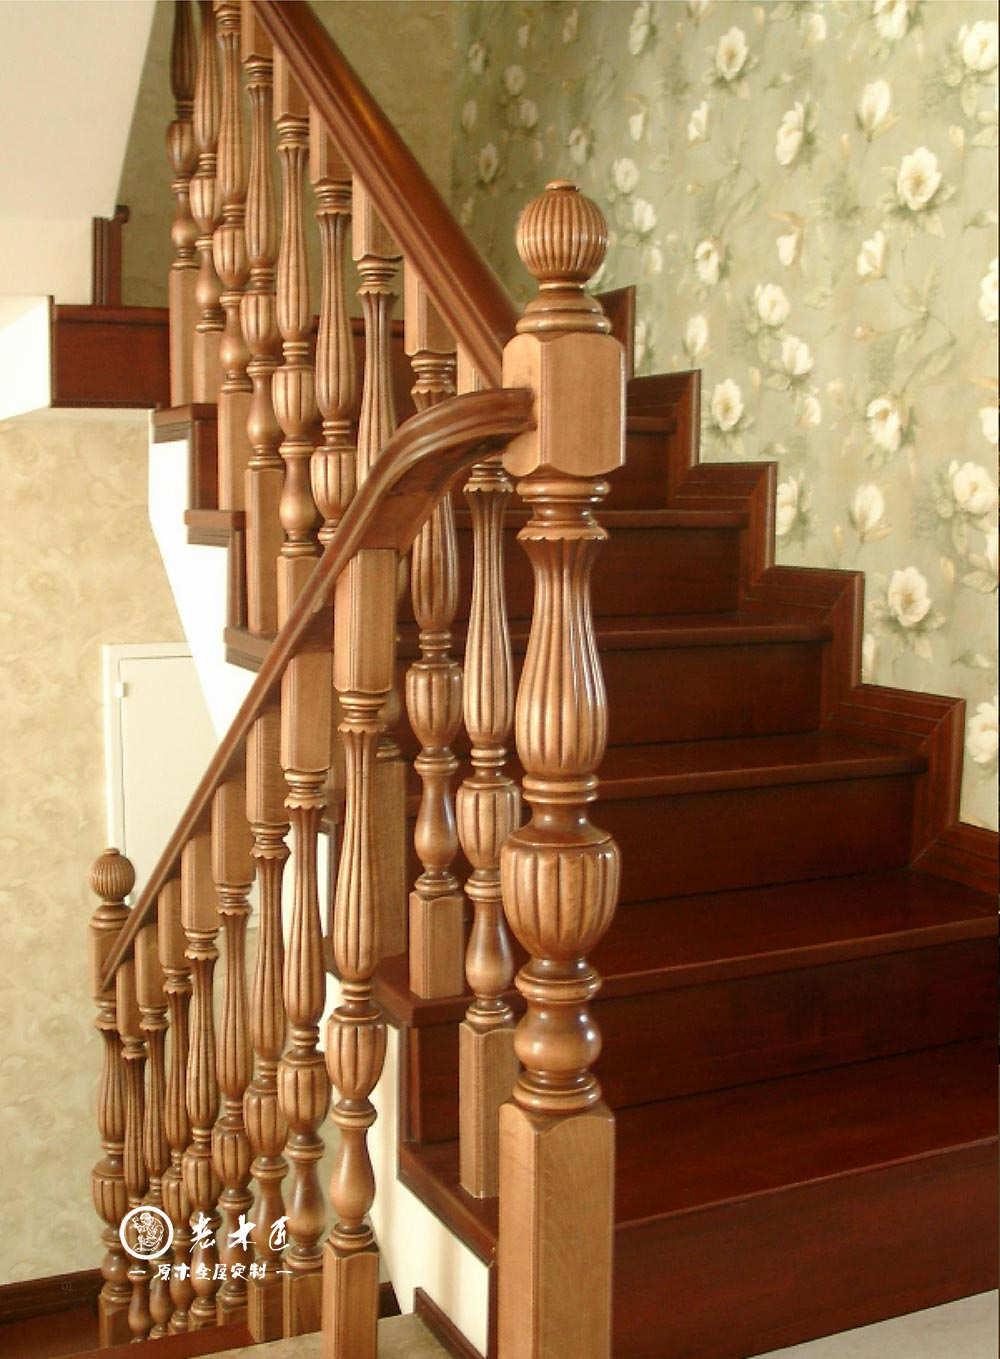 提供实木楼梯设计图片,中国楼梯行业获多项国家标准,实木楼梯产品开裂